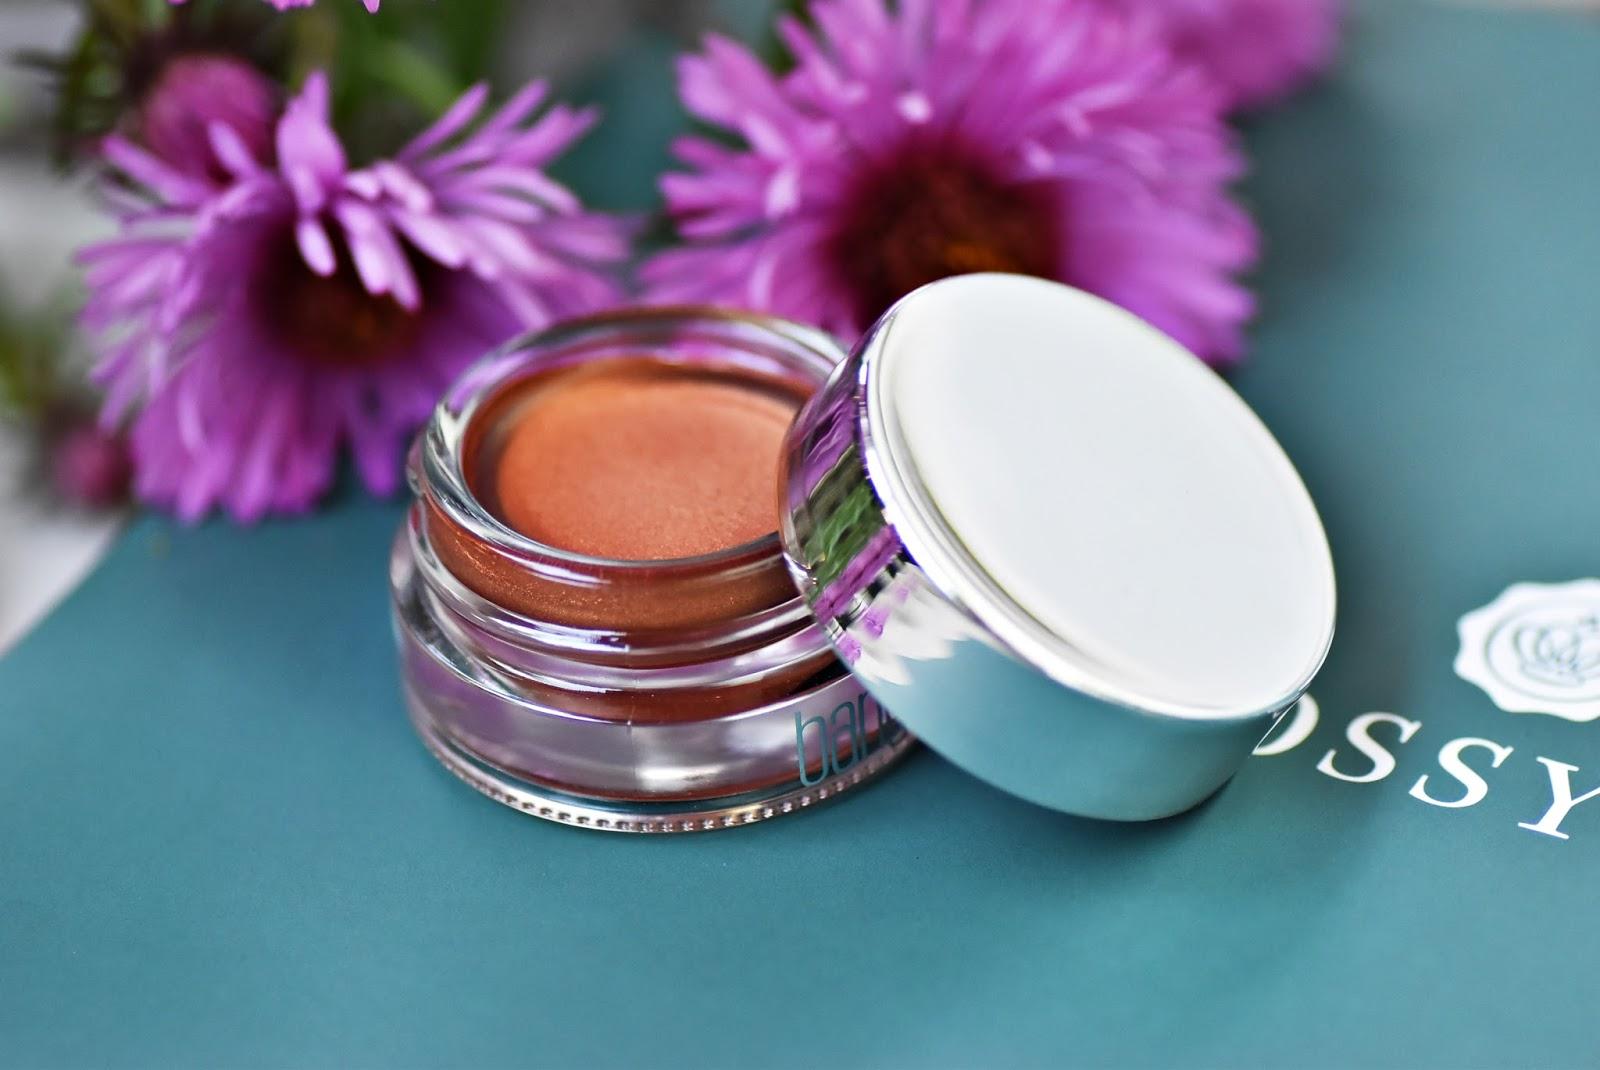 Bang Beauty Cream Colour Highlighter Bronzer Review Erfahrung Testbericht Erfahrungsbericht Meinung Glossybox September 2017 Wanderlust